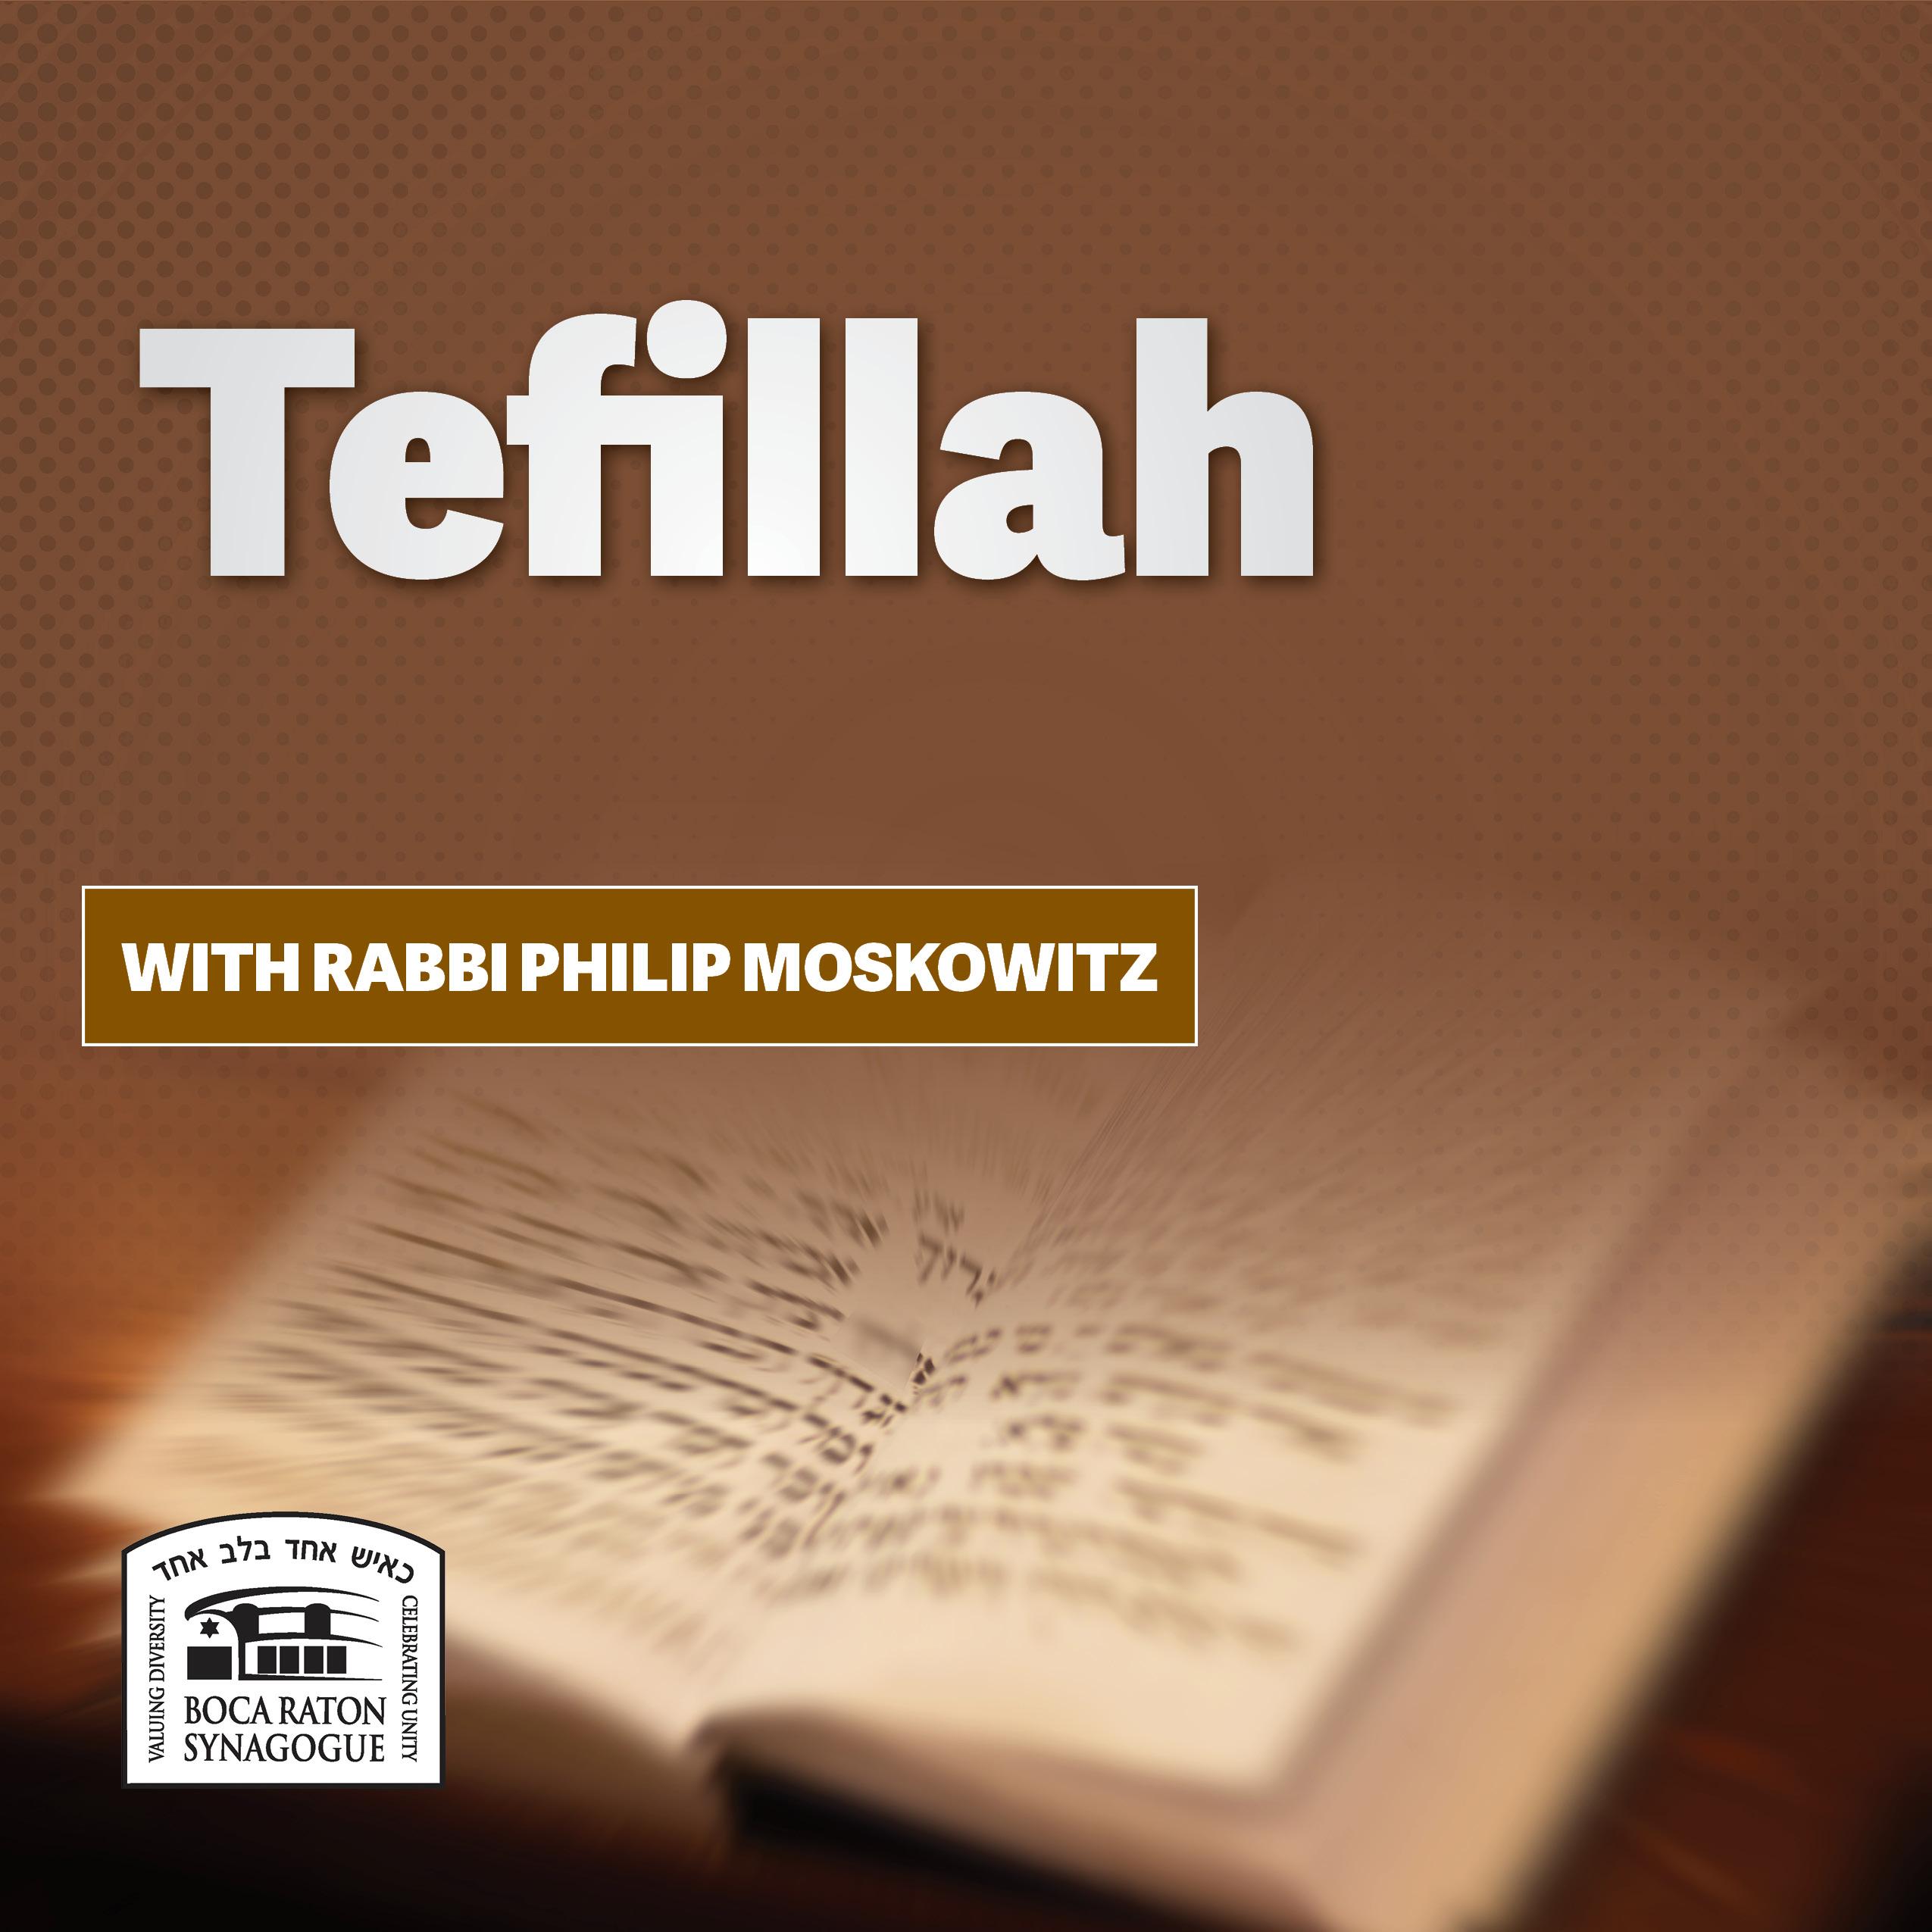 Listen: Tefilah